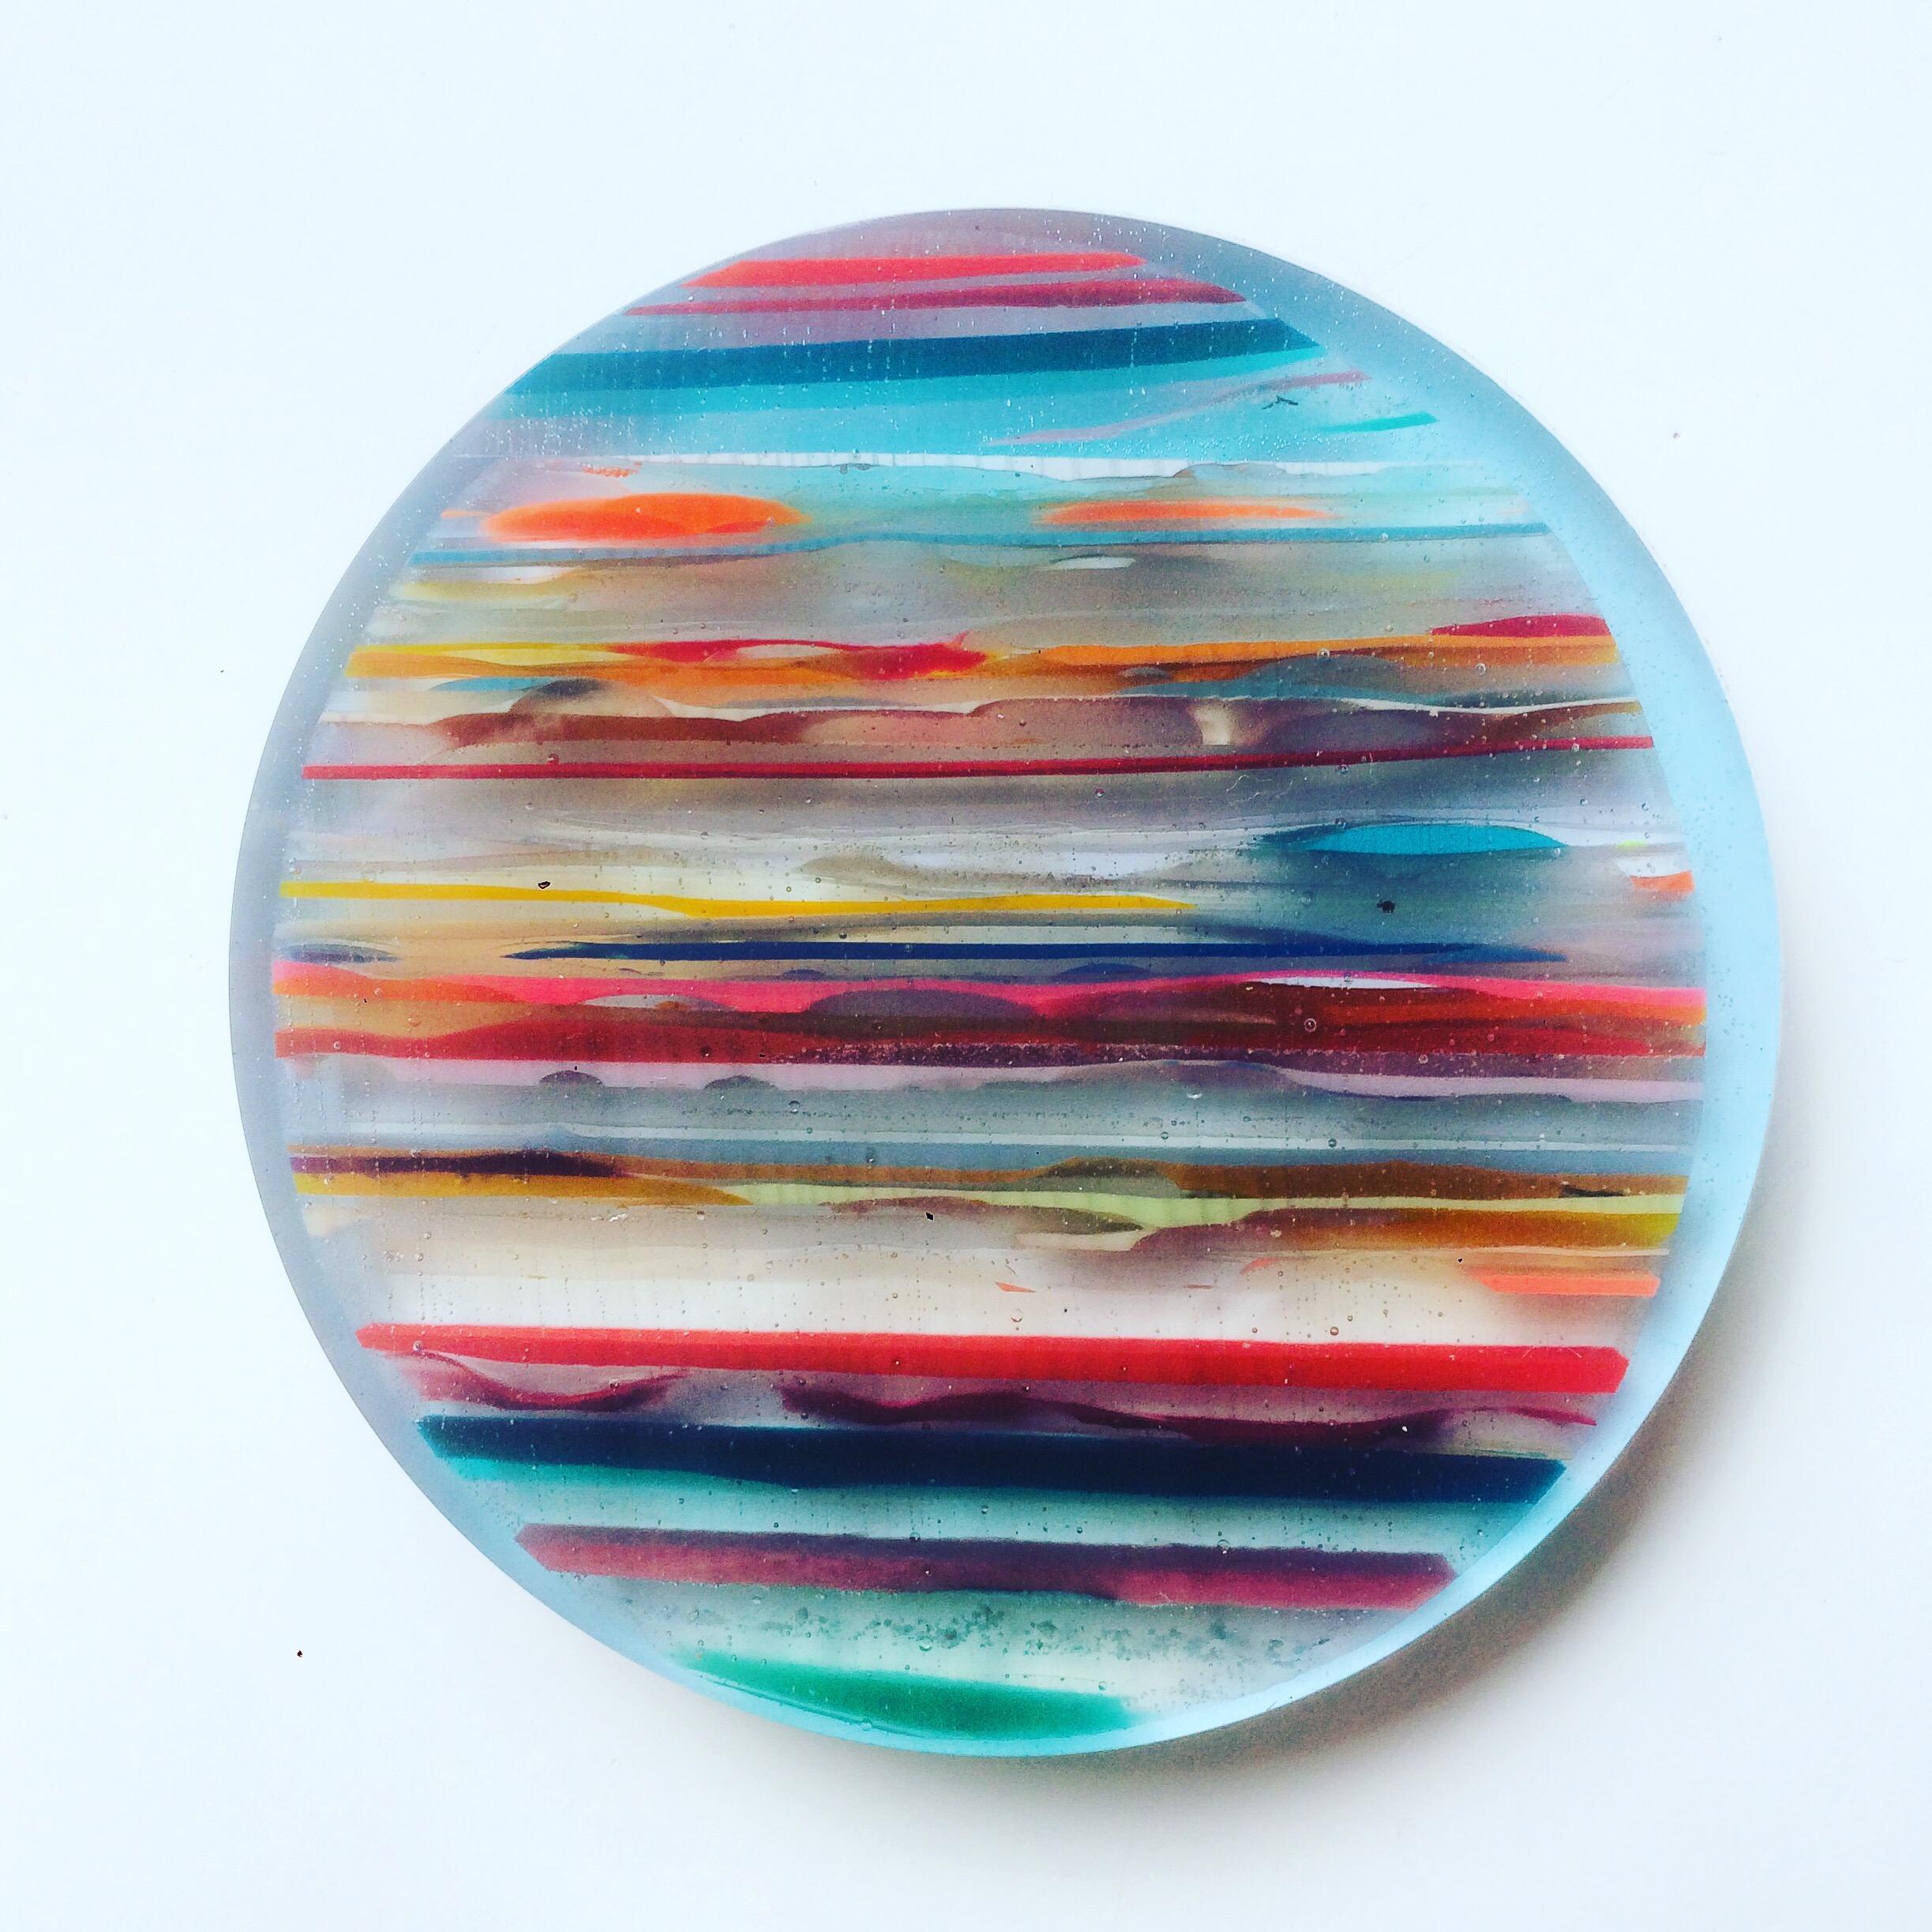 Dessous de plat en résine - Ø14cm